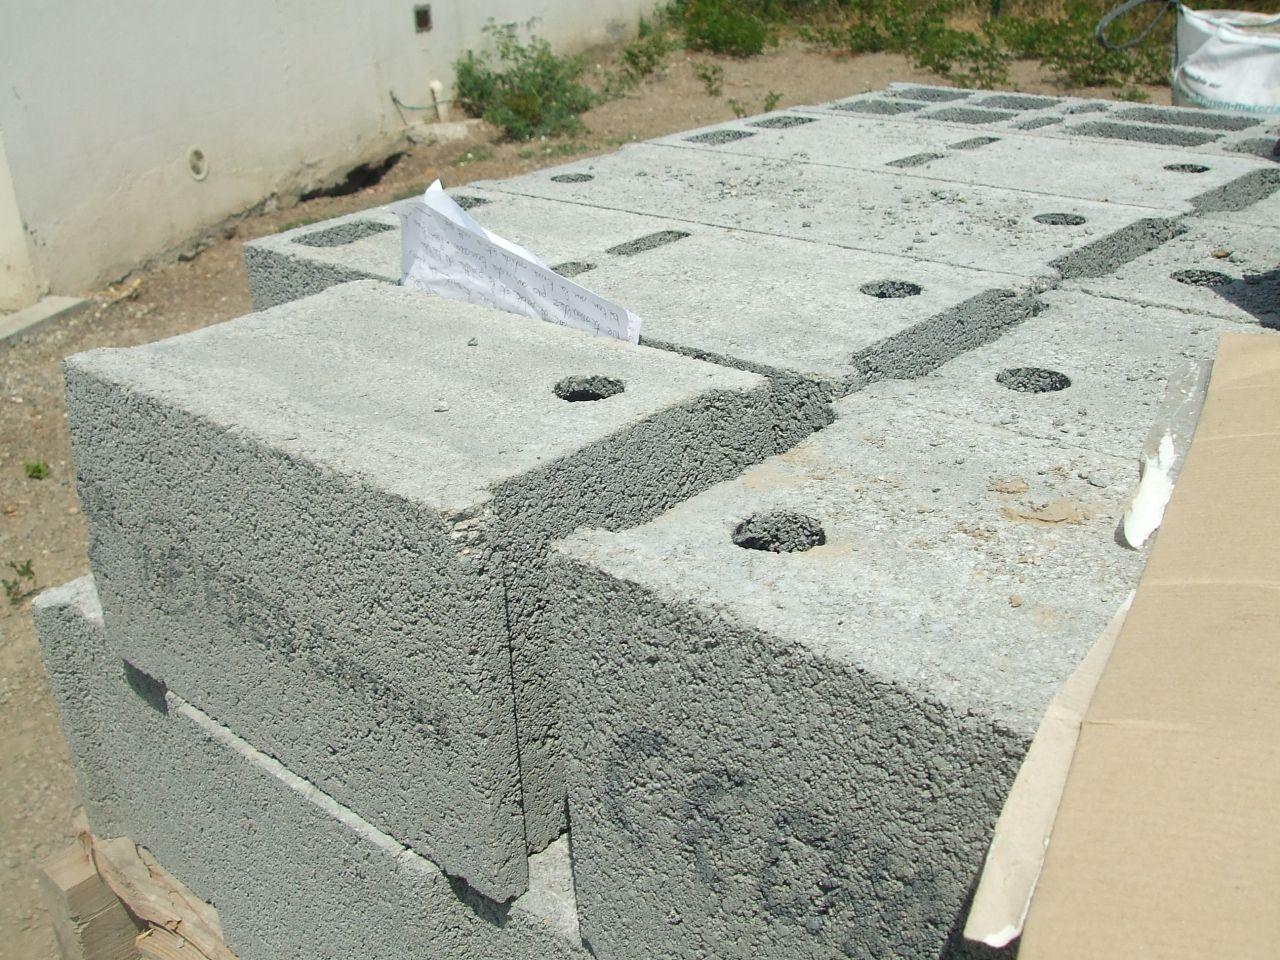 mot du voisin nous demandant d'enlever les parpaings, le sac de sable et nettoyer leur terrain du beton solidifier sur leur terrain